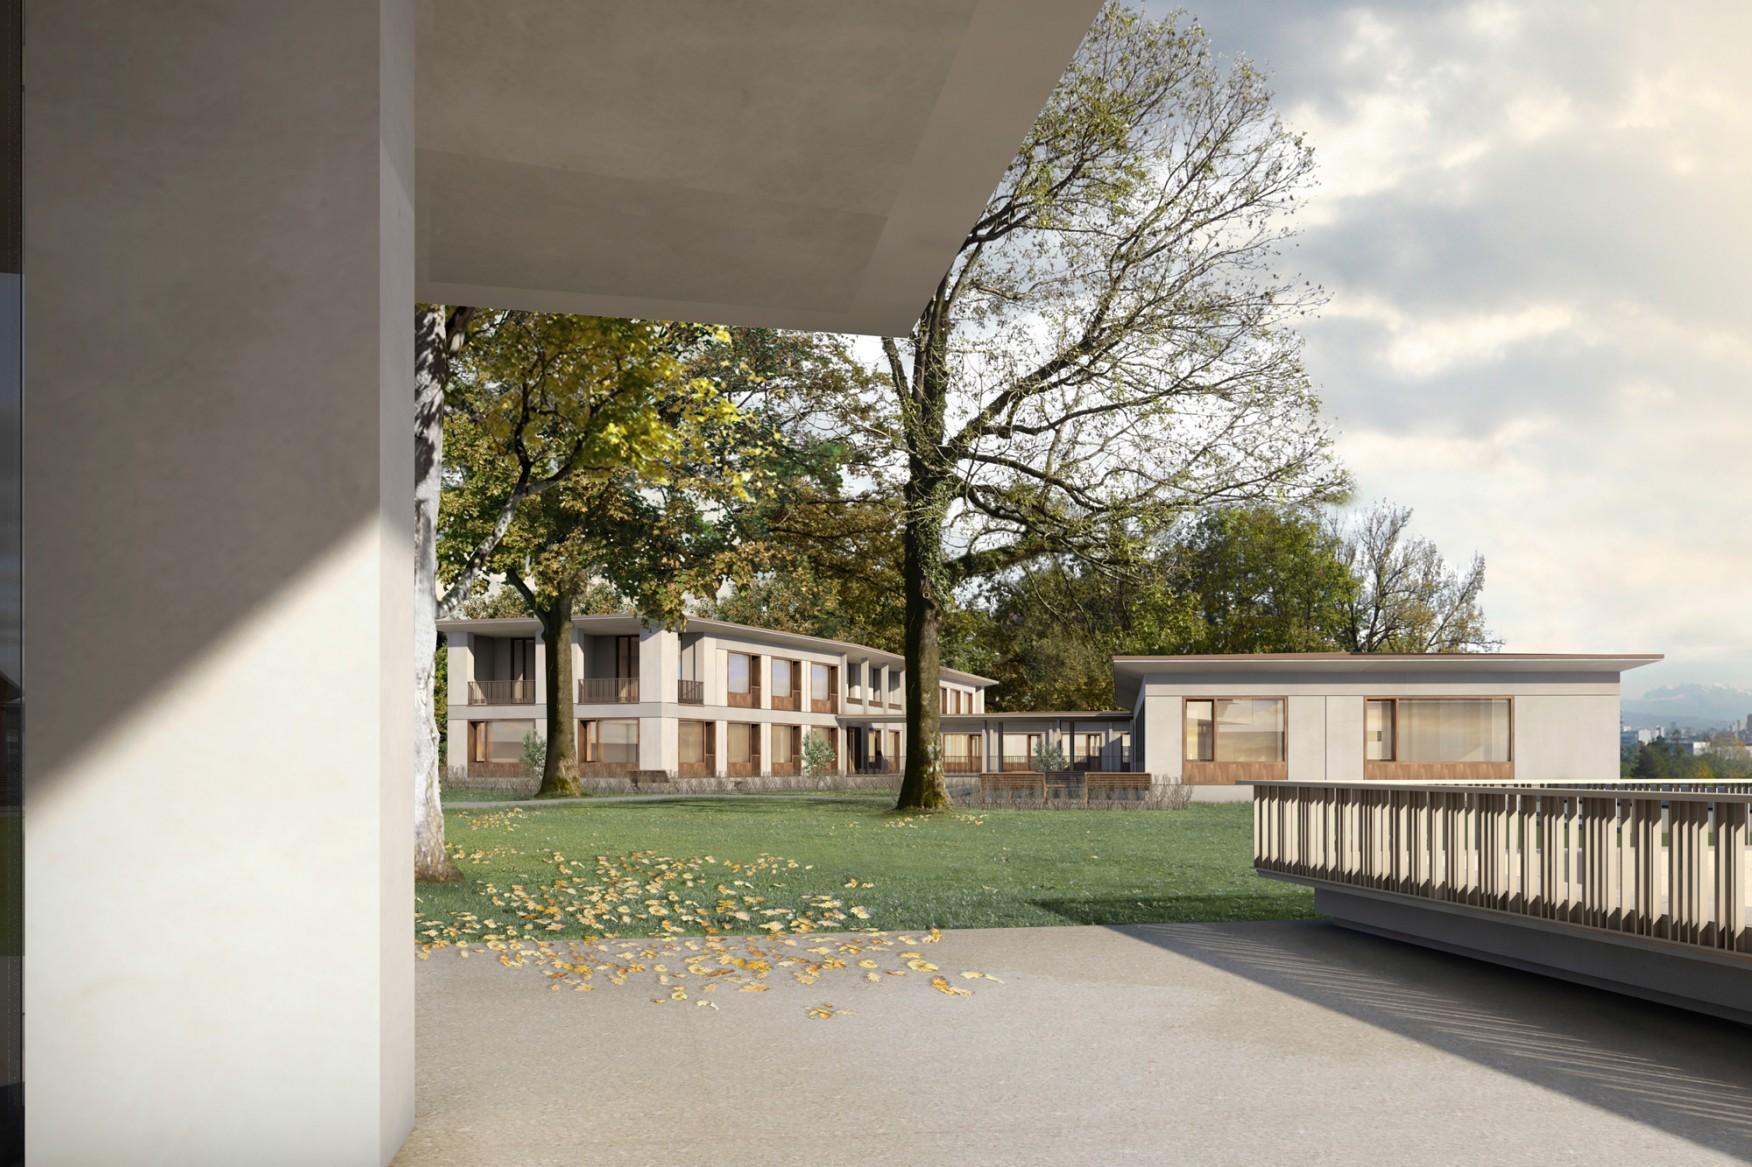 Neubau Haus der Demenz, Pflegezentrum Bombach, Zürich-Höngg, ARGE Joos & Mathys Architekten | Schmid Schärer Architekten, ERIKA